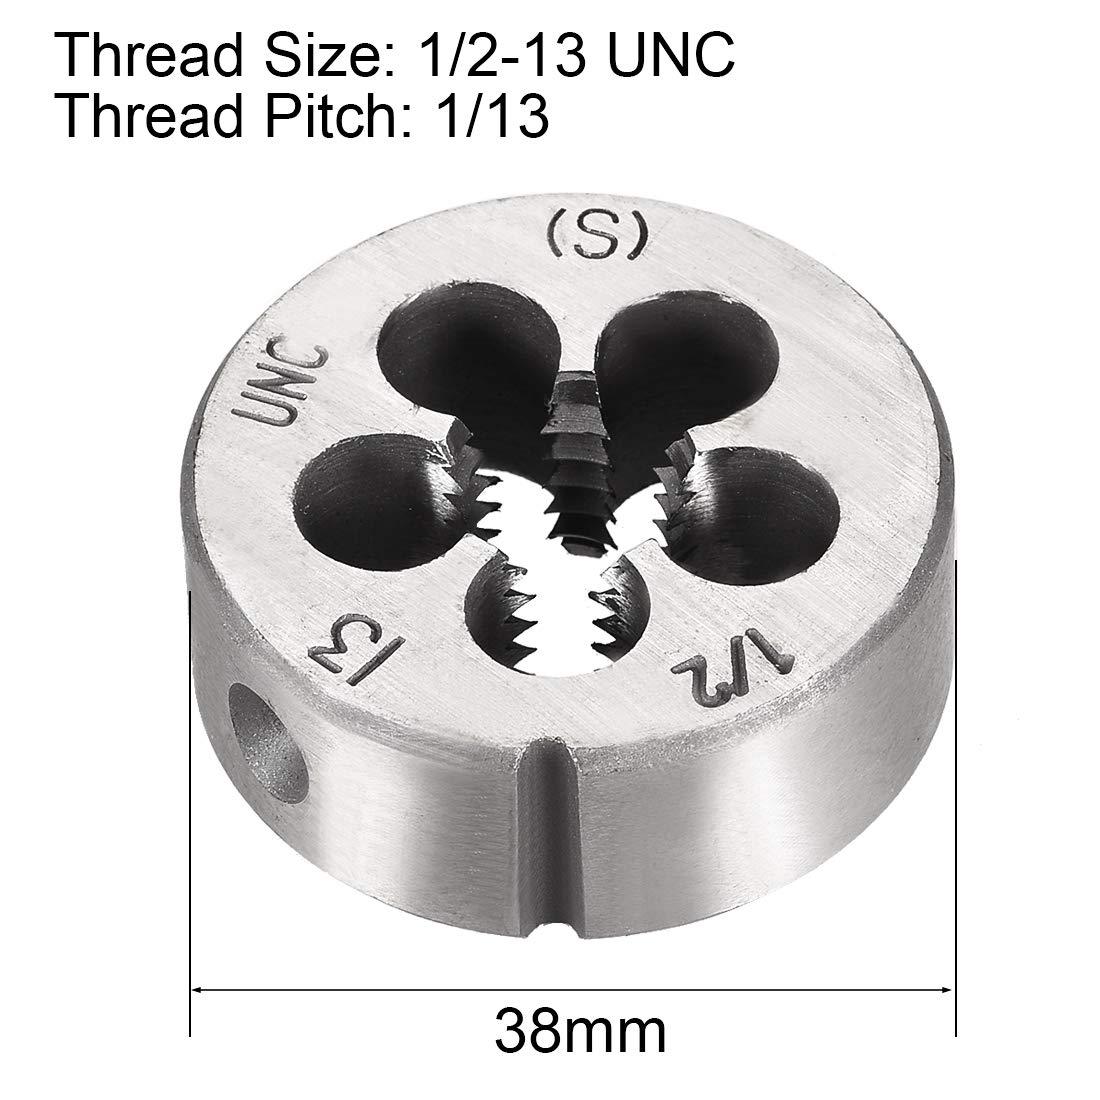 uxcell 1//2-13 UNC Right Hand Round Die Machine Thread Die,Threading Die,Screw Die Tool,High Speed Steel